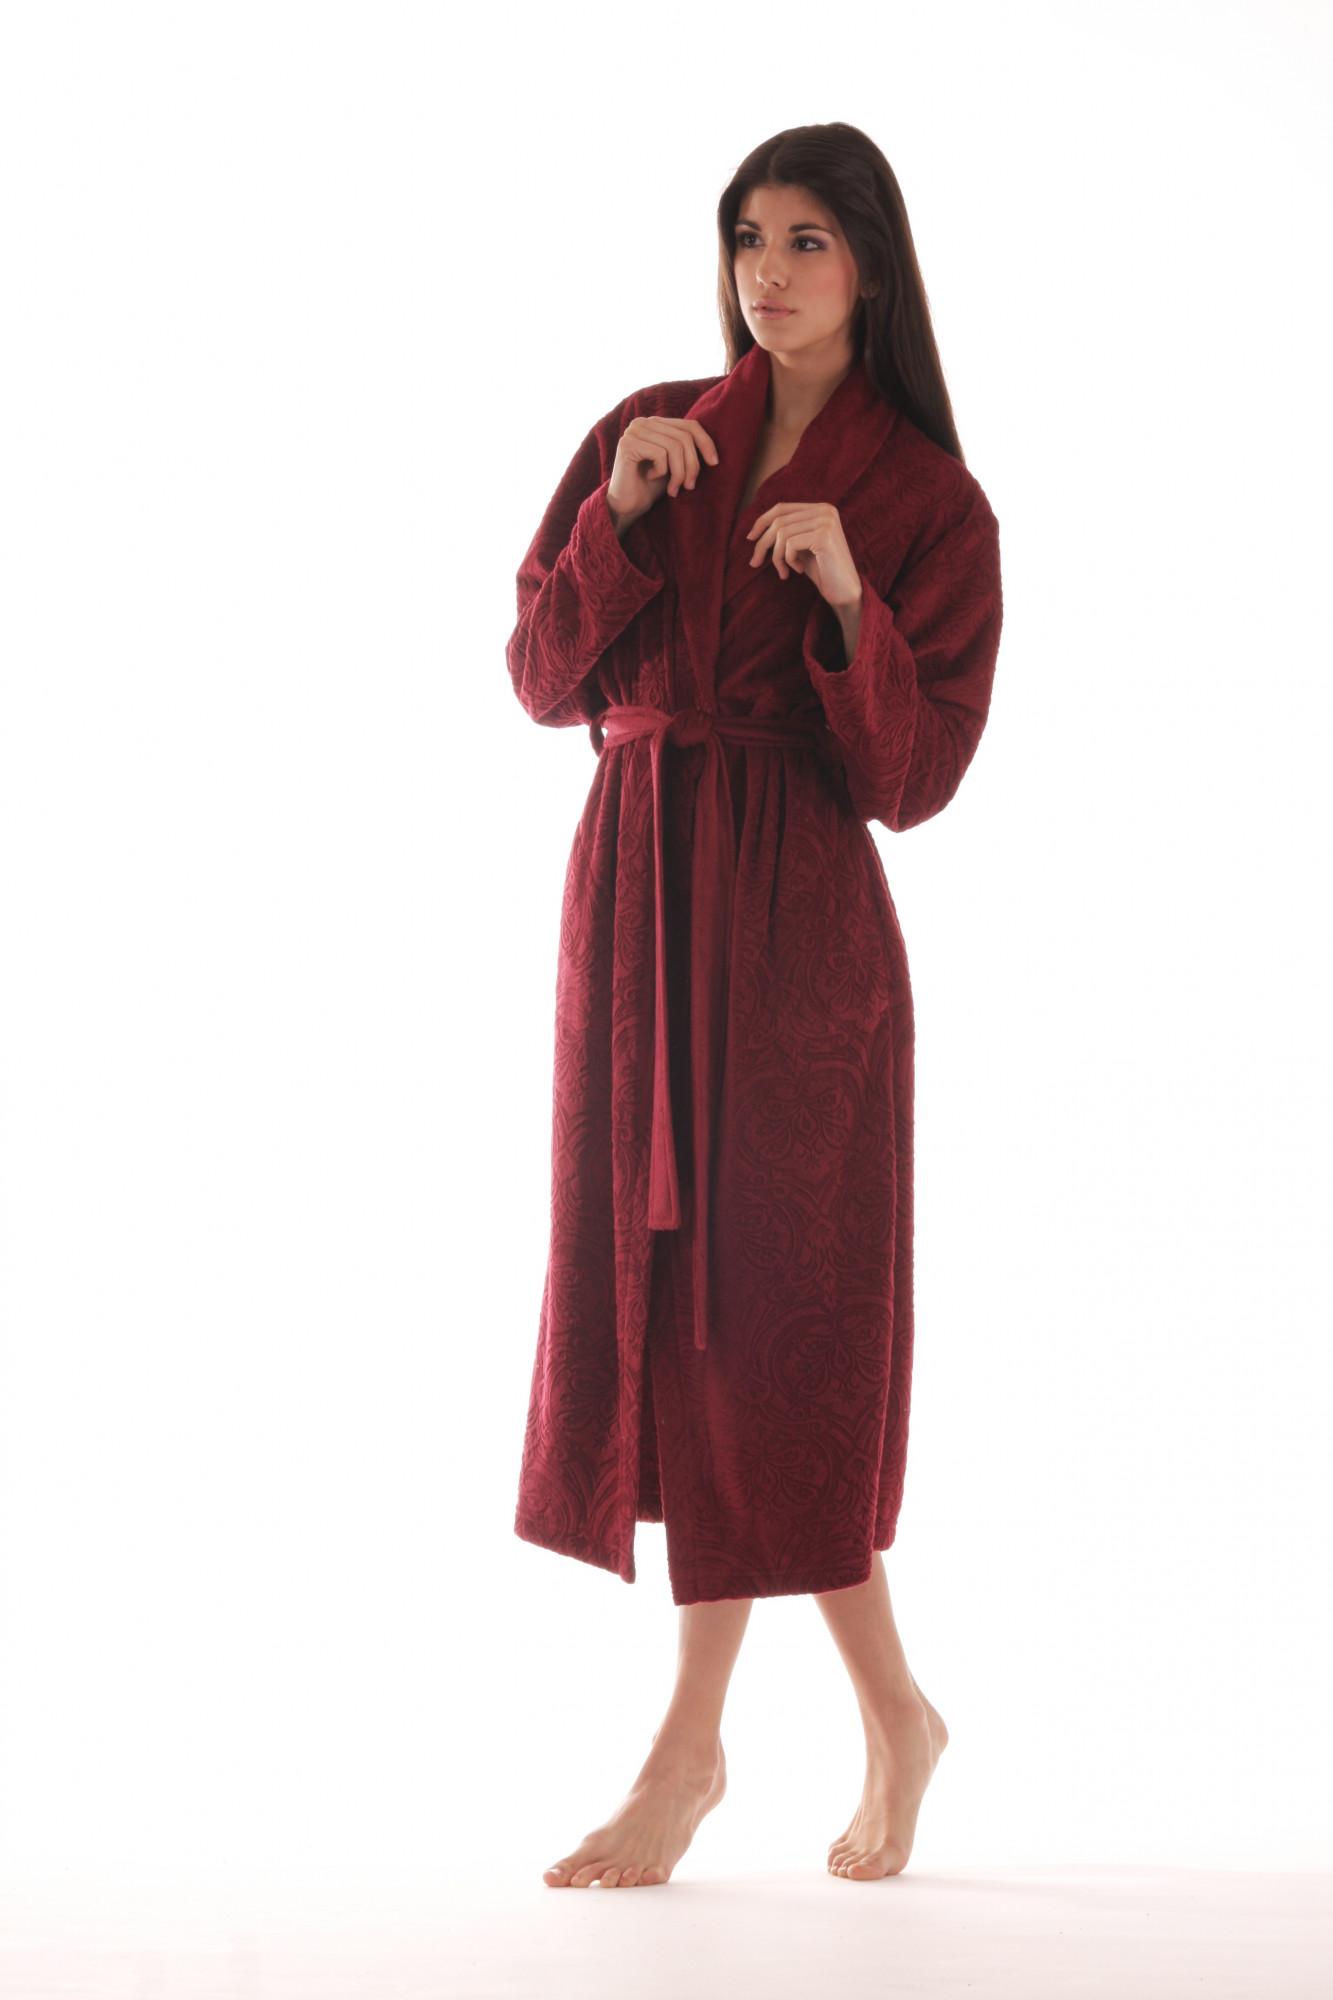 Dámský župan 21474300 - Vestis Barva: fialová, Velikost: XL